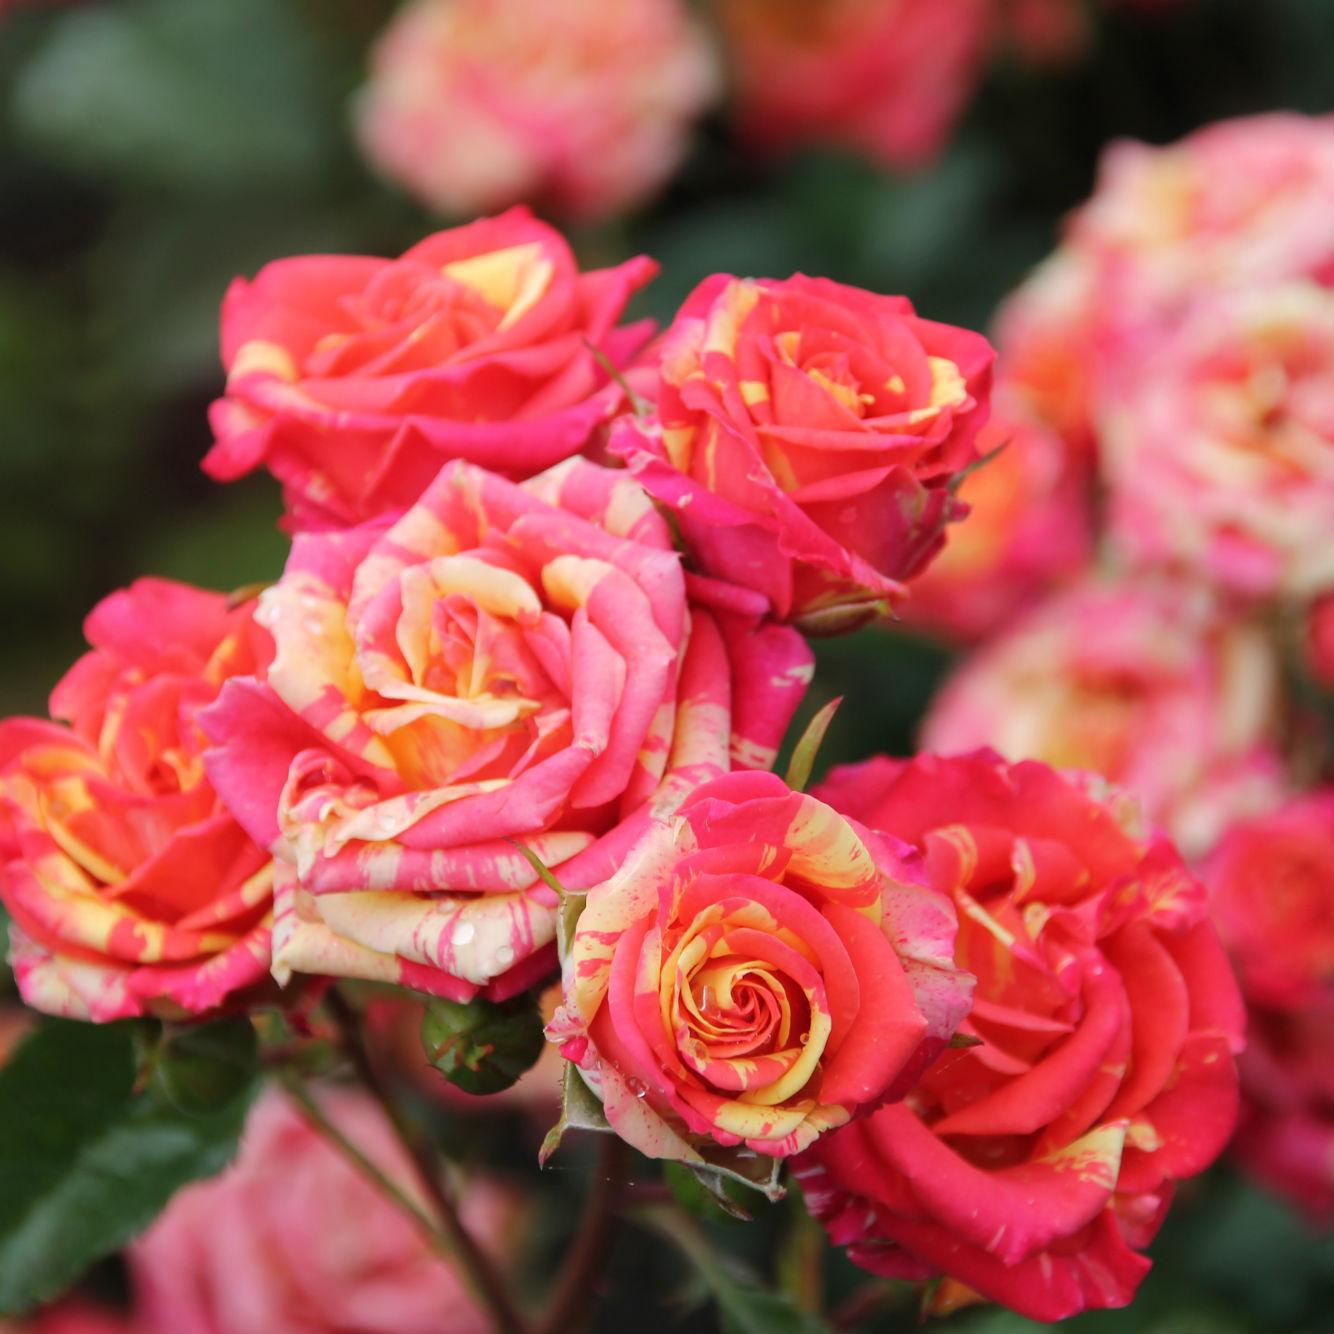 Саженец розы Fire Flash (Вспышка огня): фото и описание